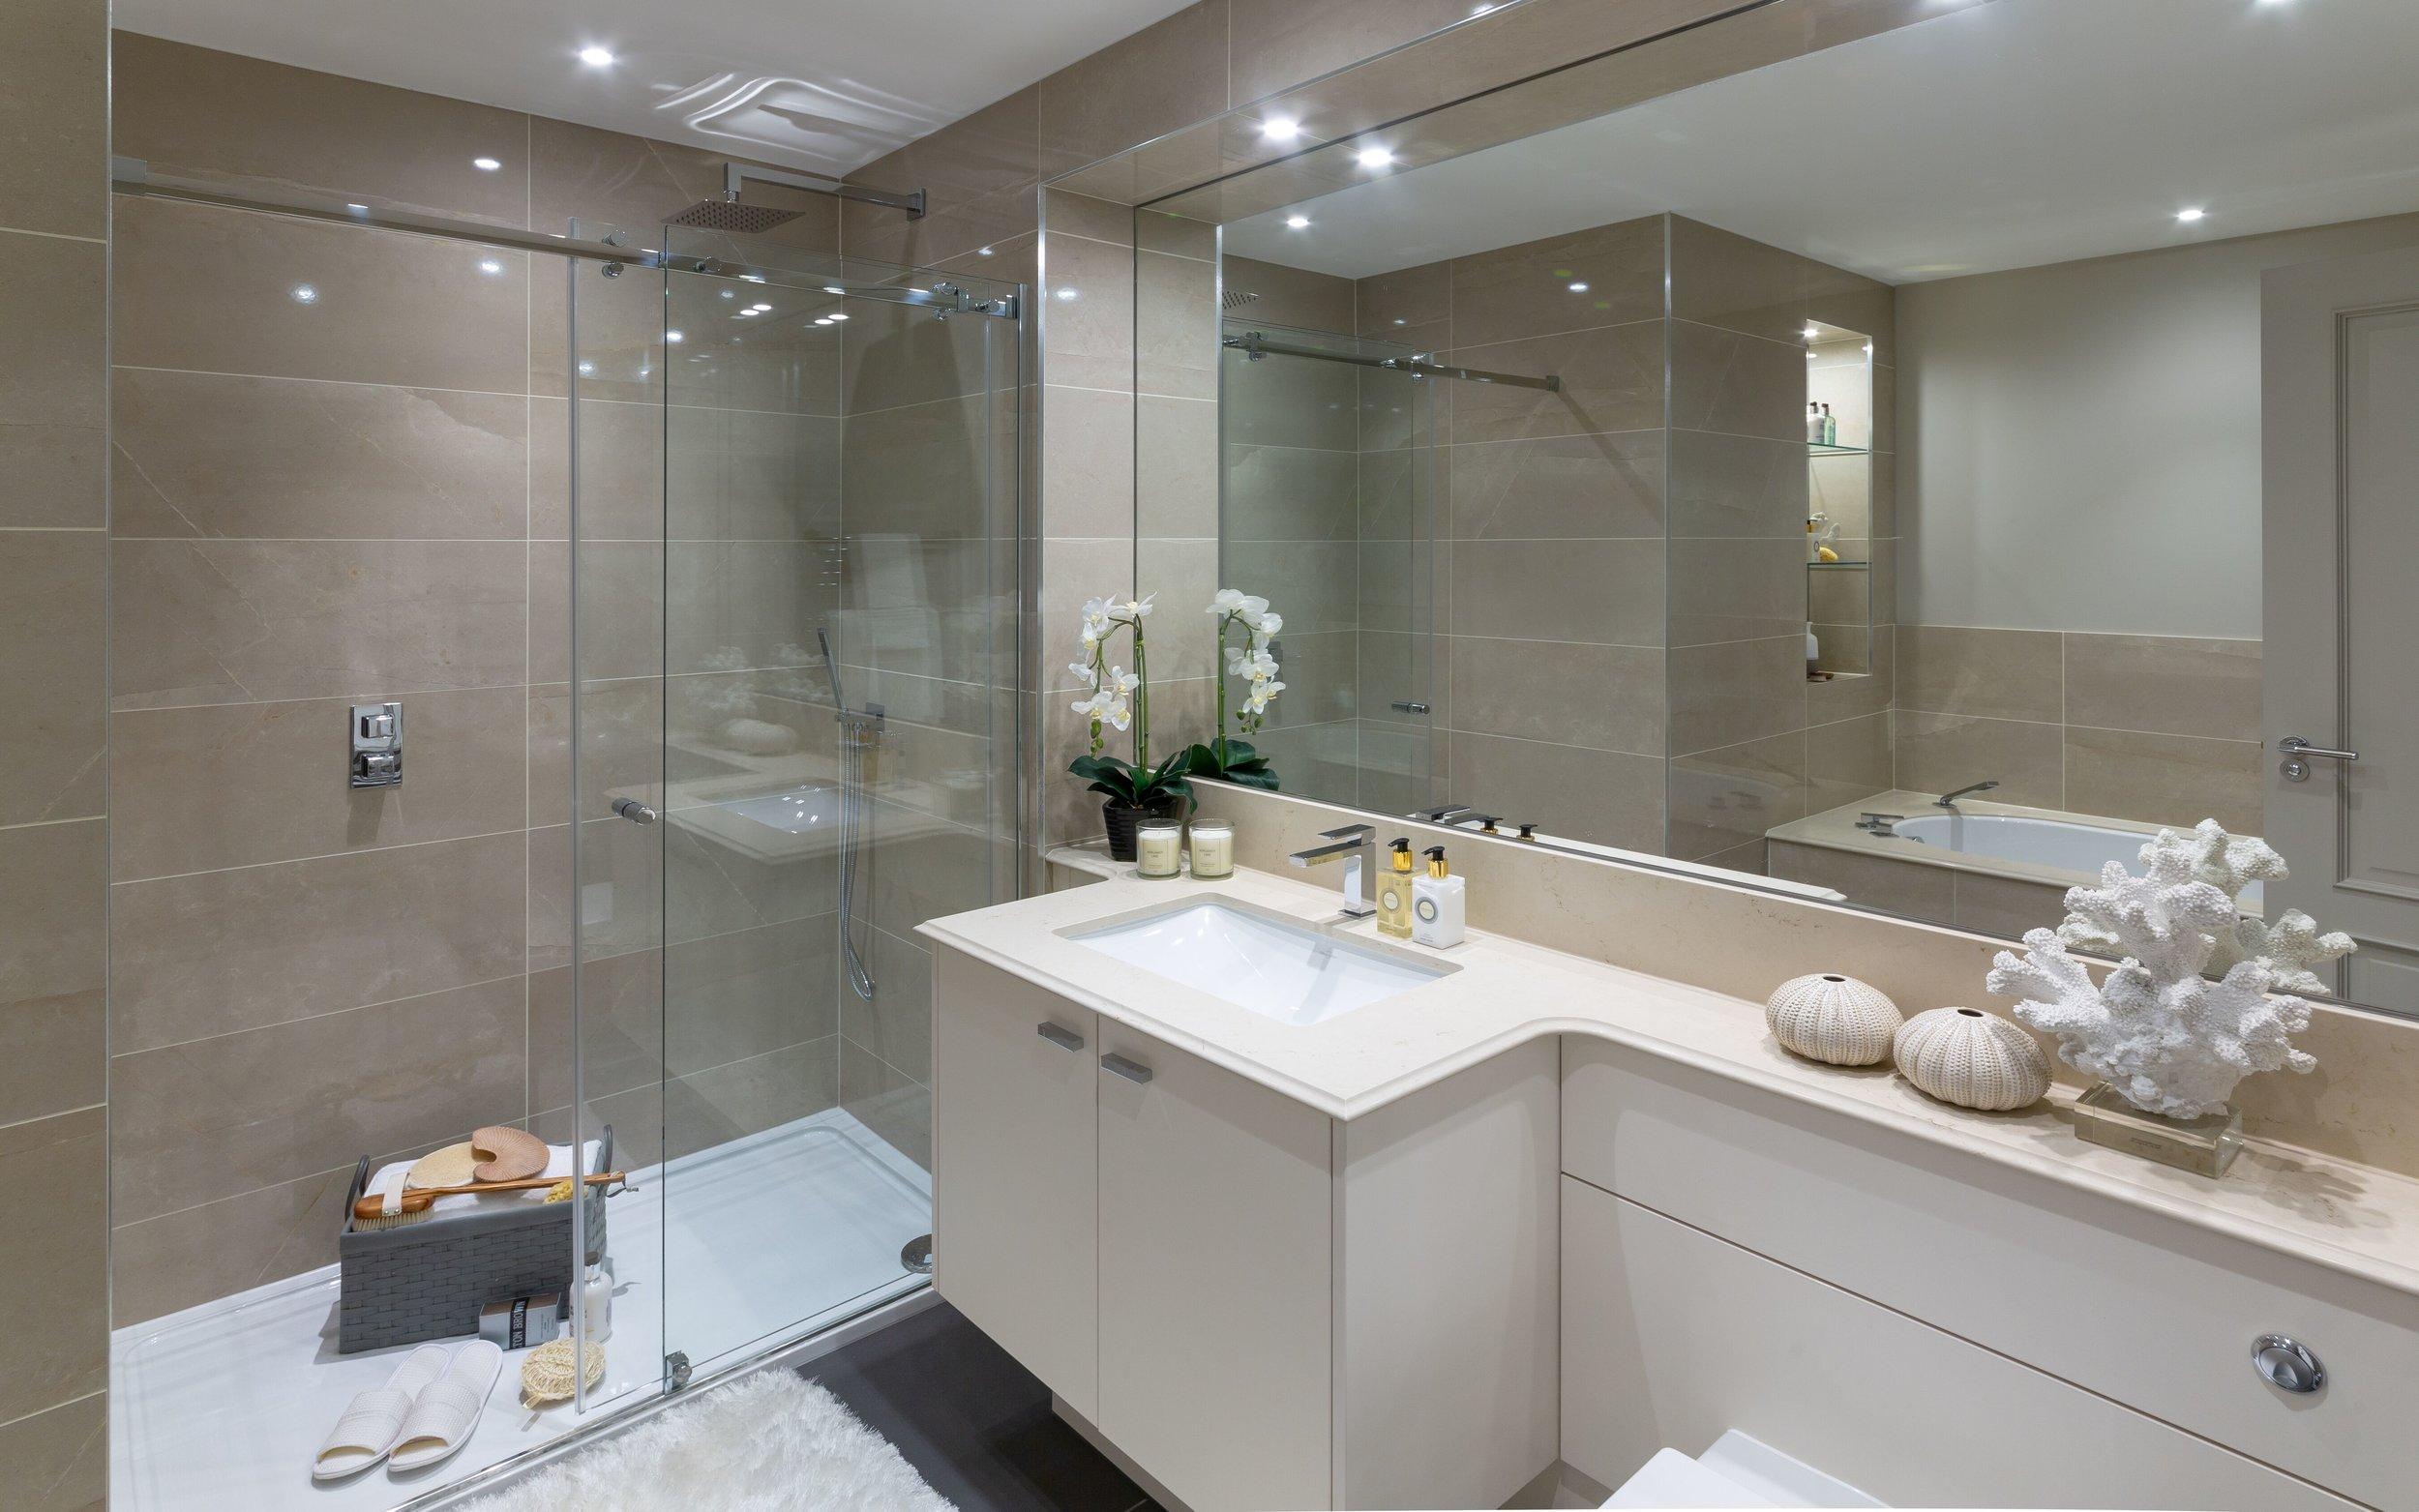 Camberley Heath Golf Bathroom image 1.jpg